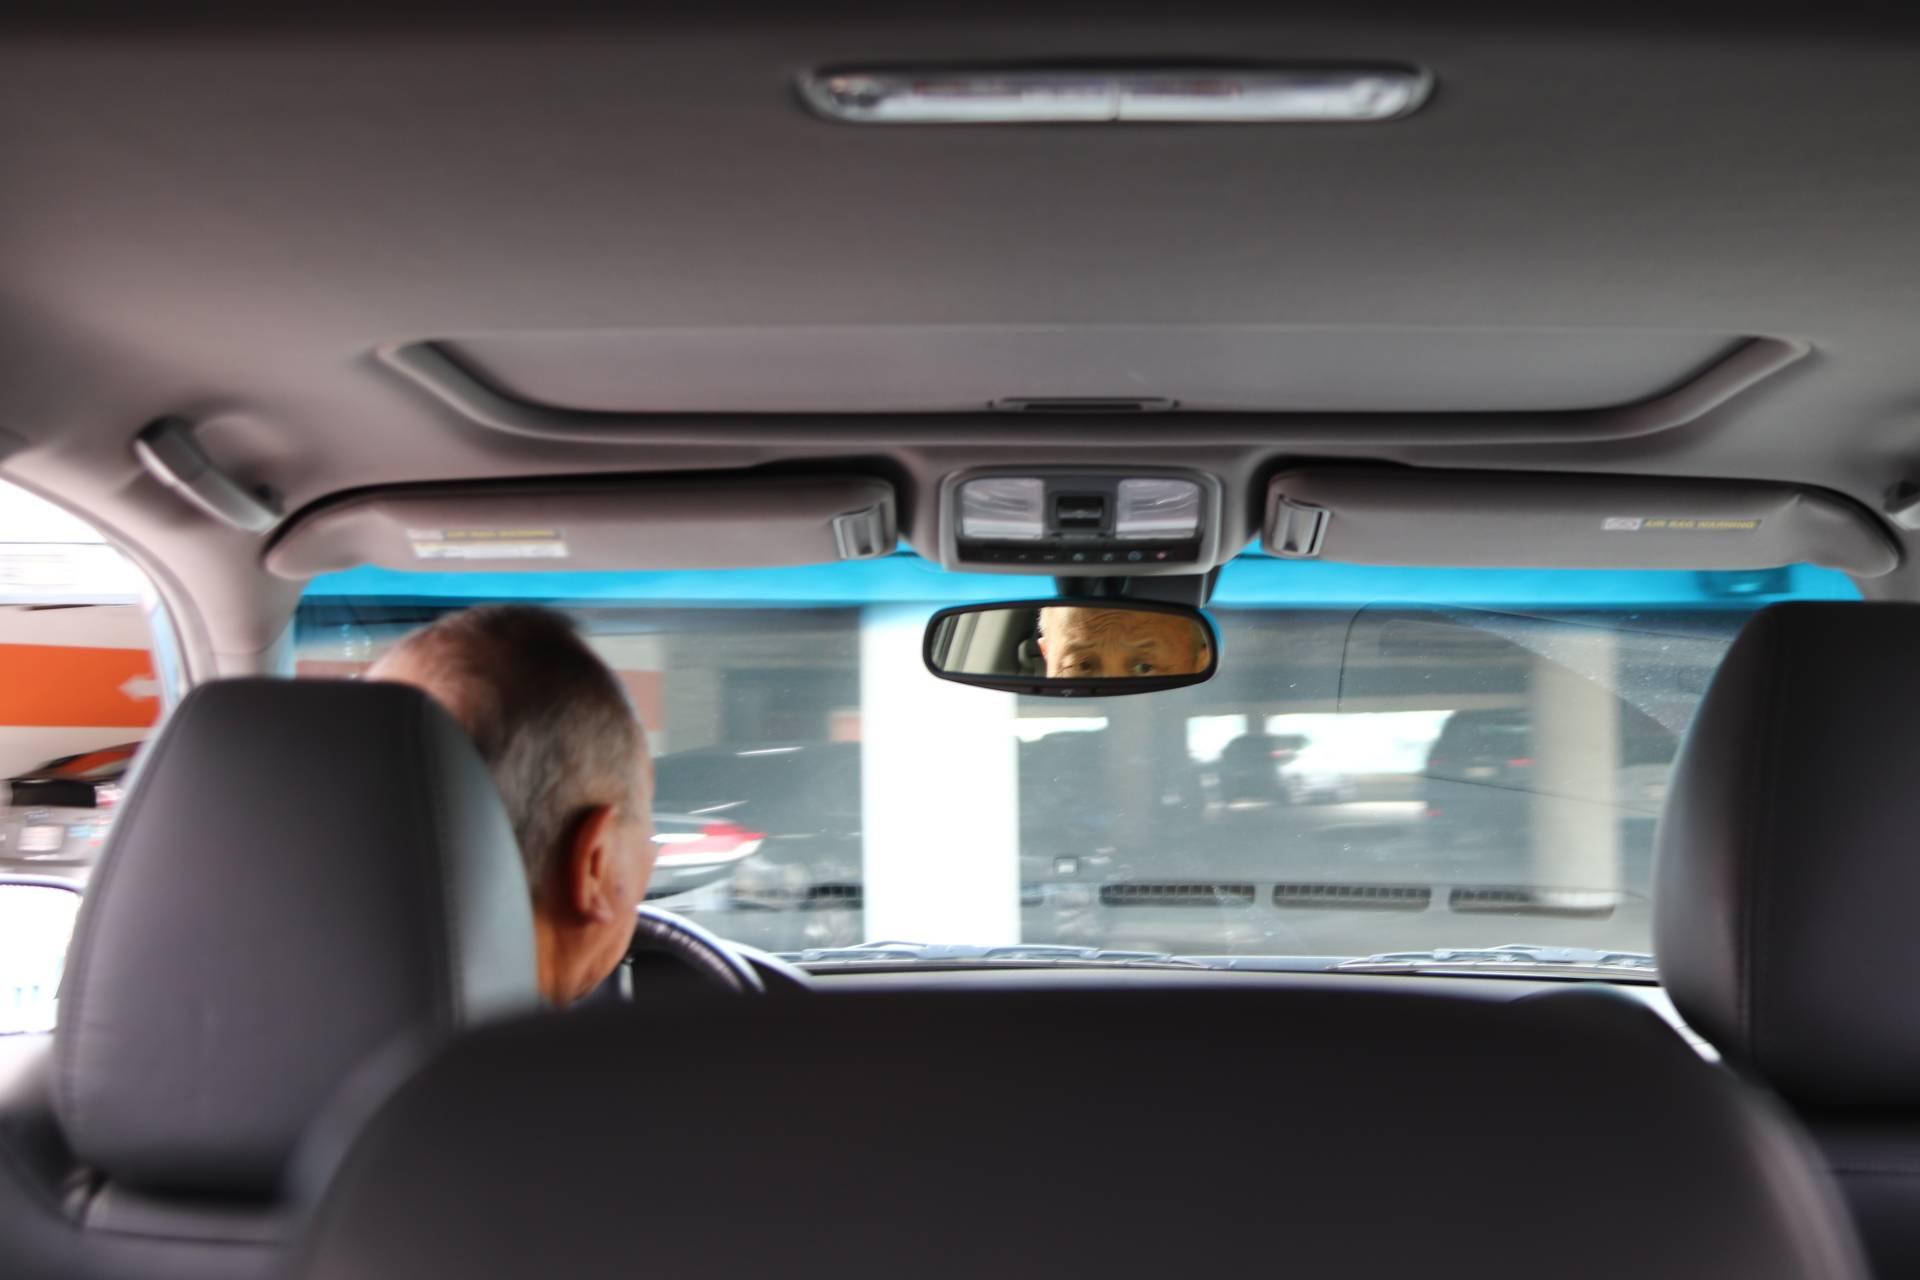 rear view mirror inside a car